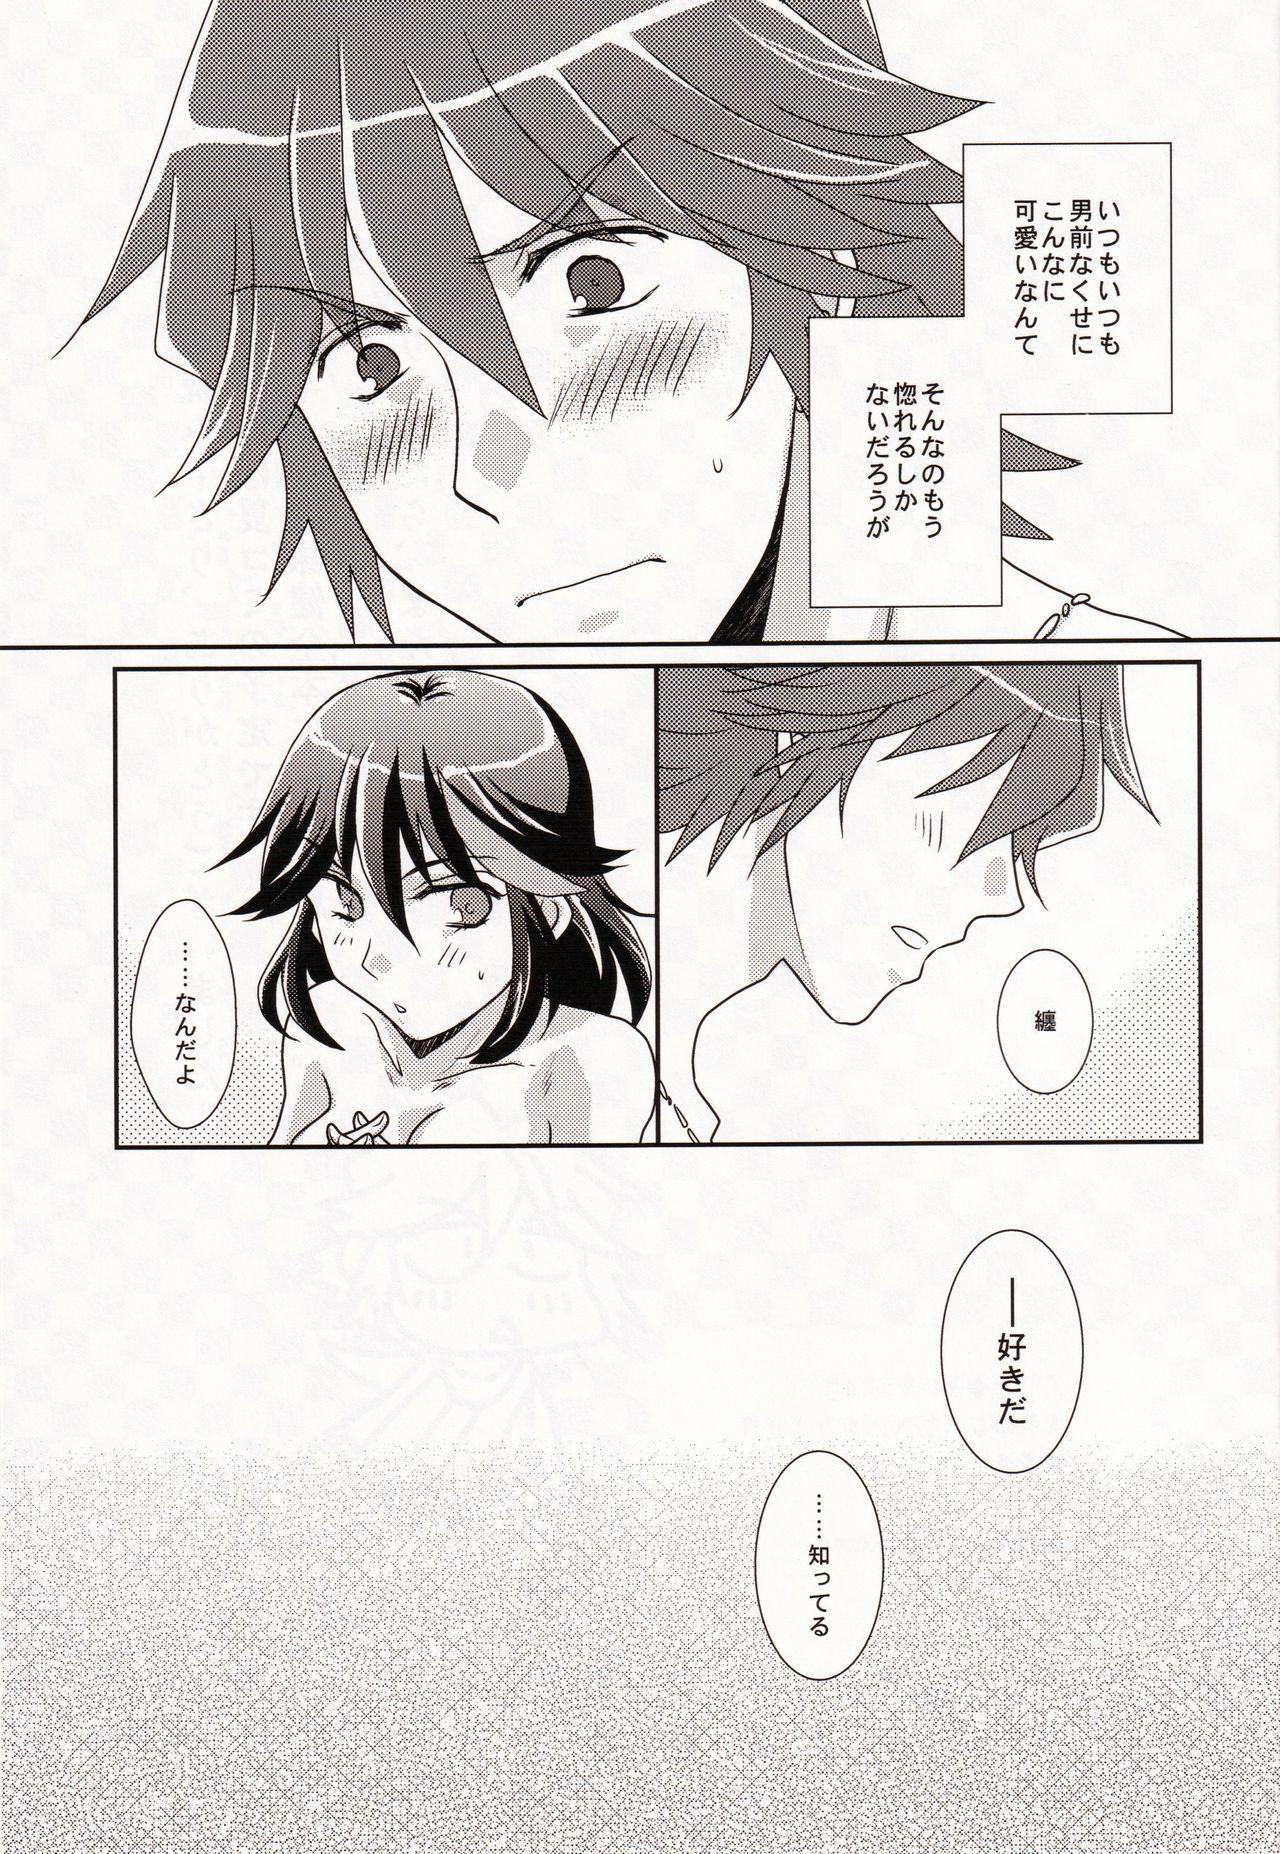 (SUPER26) [Ishin Denshin (Yuusa Riki)] Ore no Kanojo (Kari) ga Otokomae Sugite Mou Horeru shika Nai. (Kill la Kill) 28